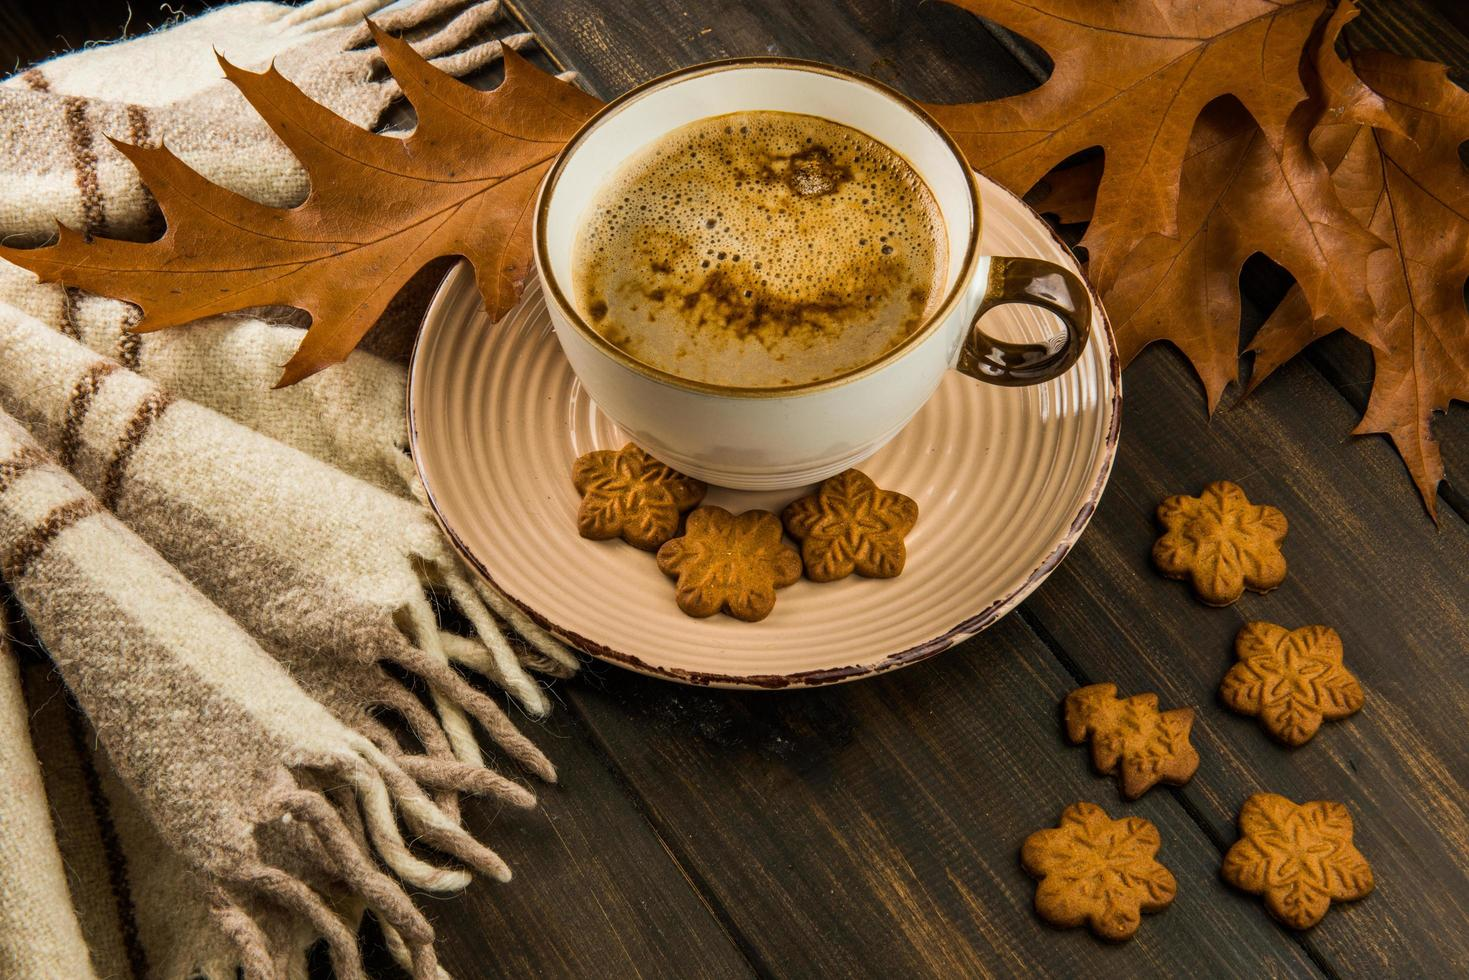 Kaffee mit Keksen und Blättern foto